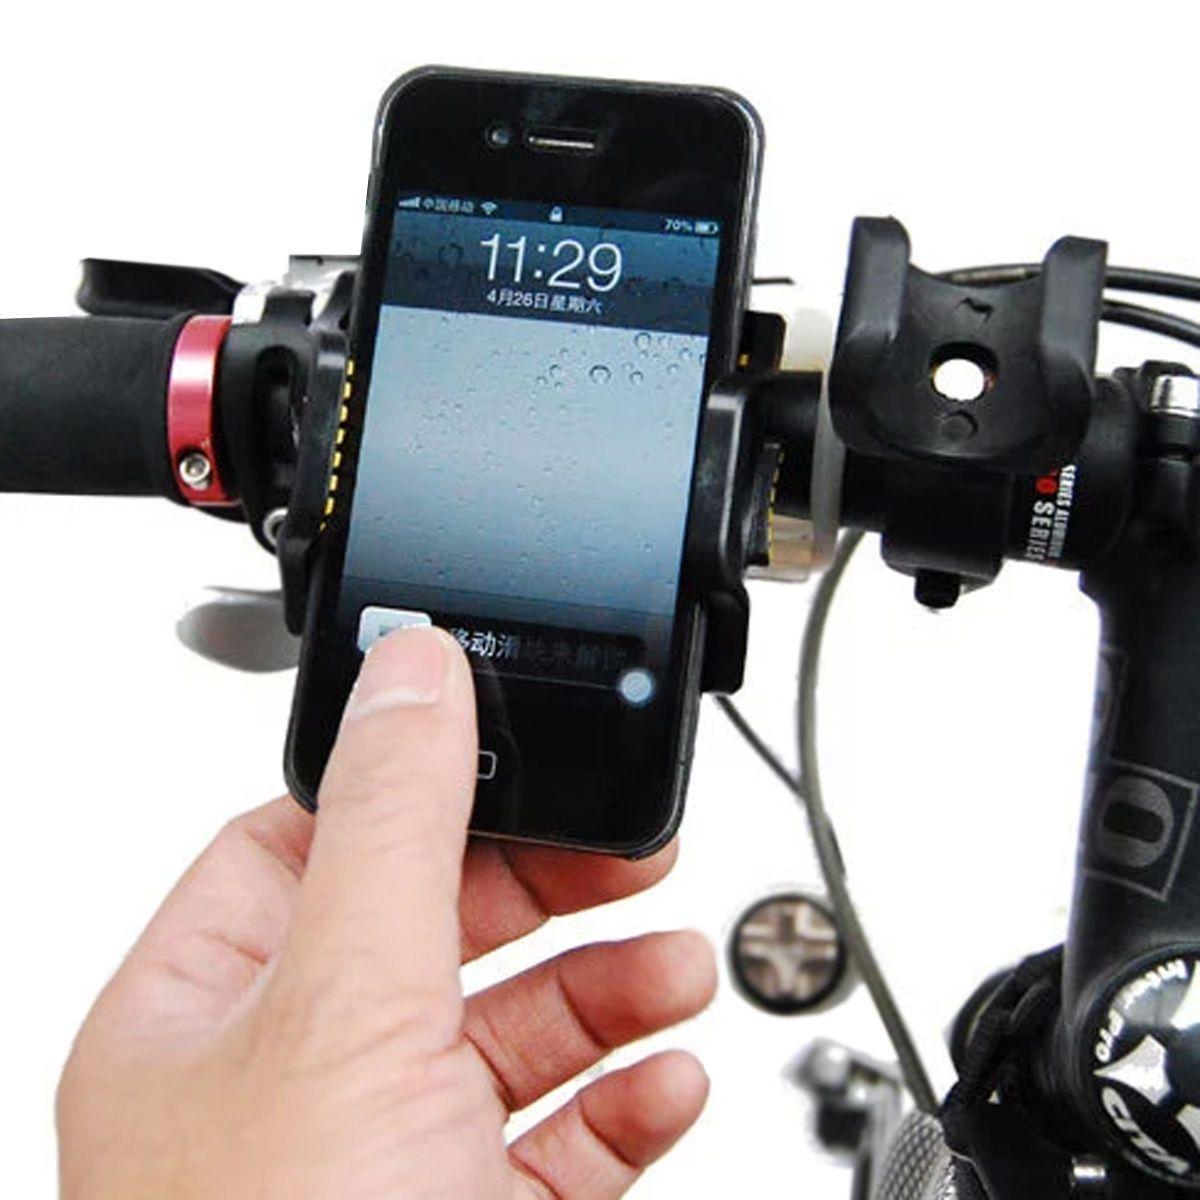 유니버설 자전거 전화 홀더 자전거 브래킷 Antiskid 자전거 전화 마운트 iPhone 삼성 GPS MP4 MP5 53mm-83mm 조절 가능 너비